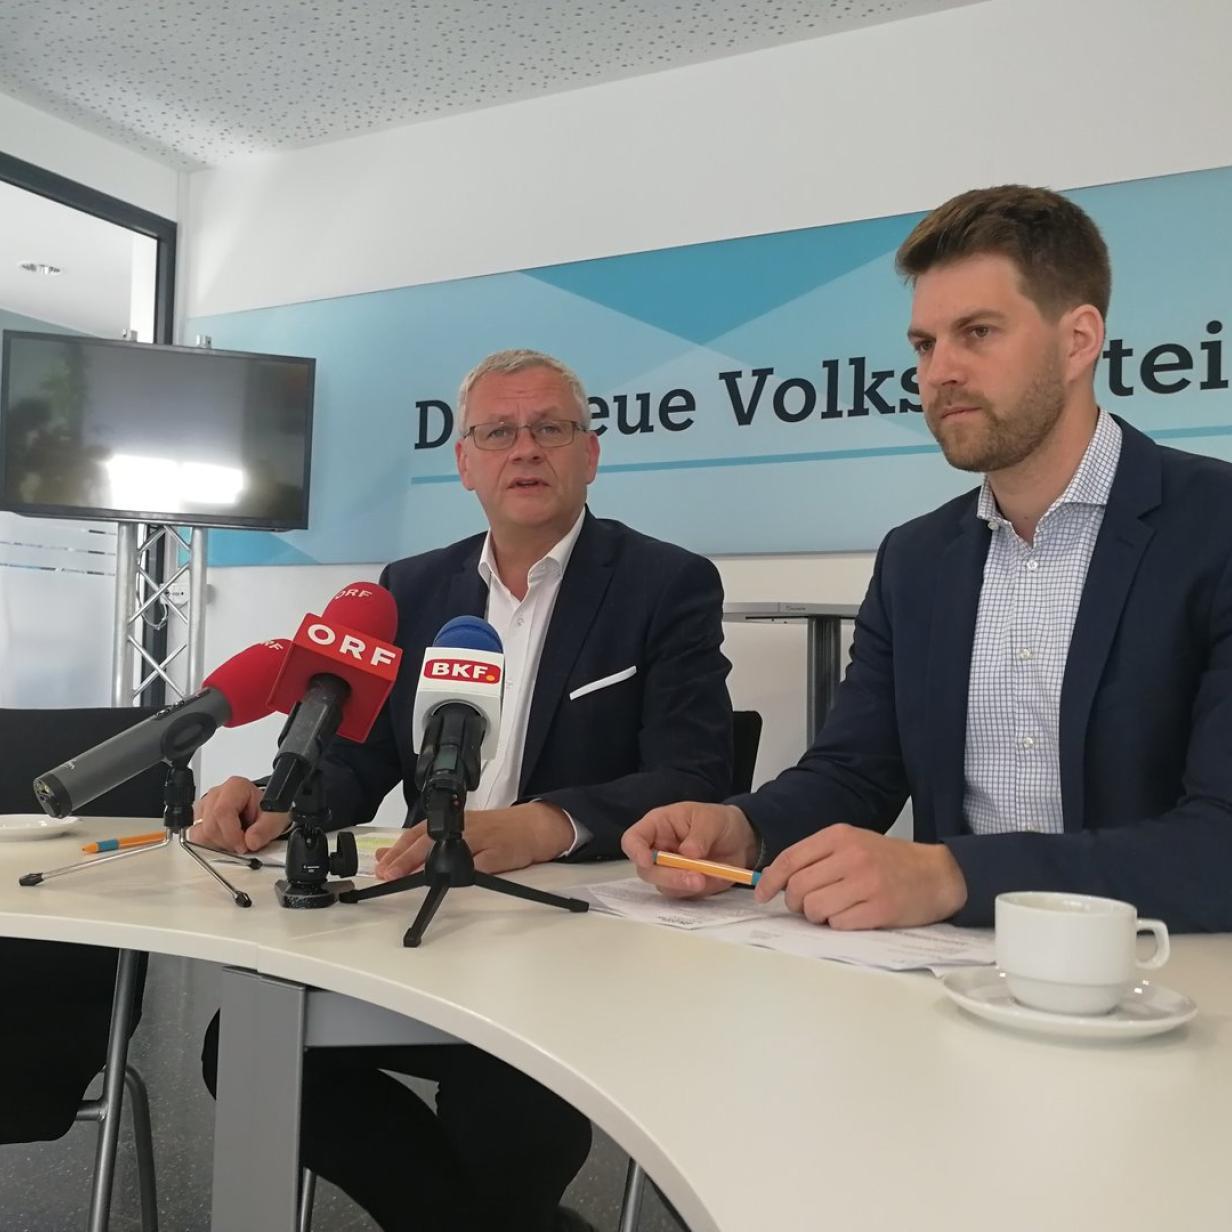 """ÖVP ortet Verfassungsbruch, für SPÖ ist diese Kritik """"haltlos"""""""